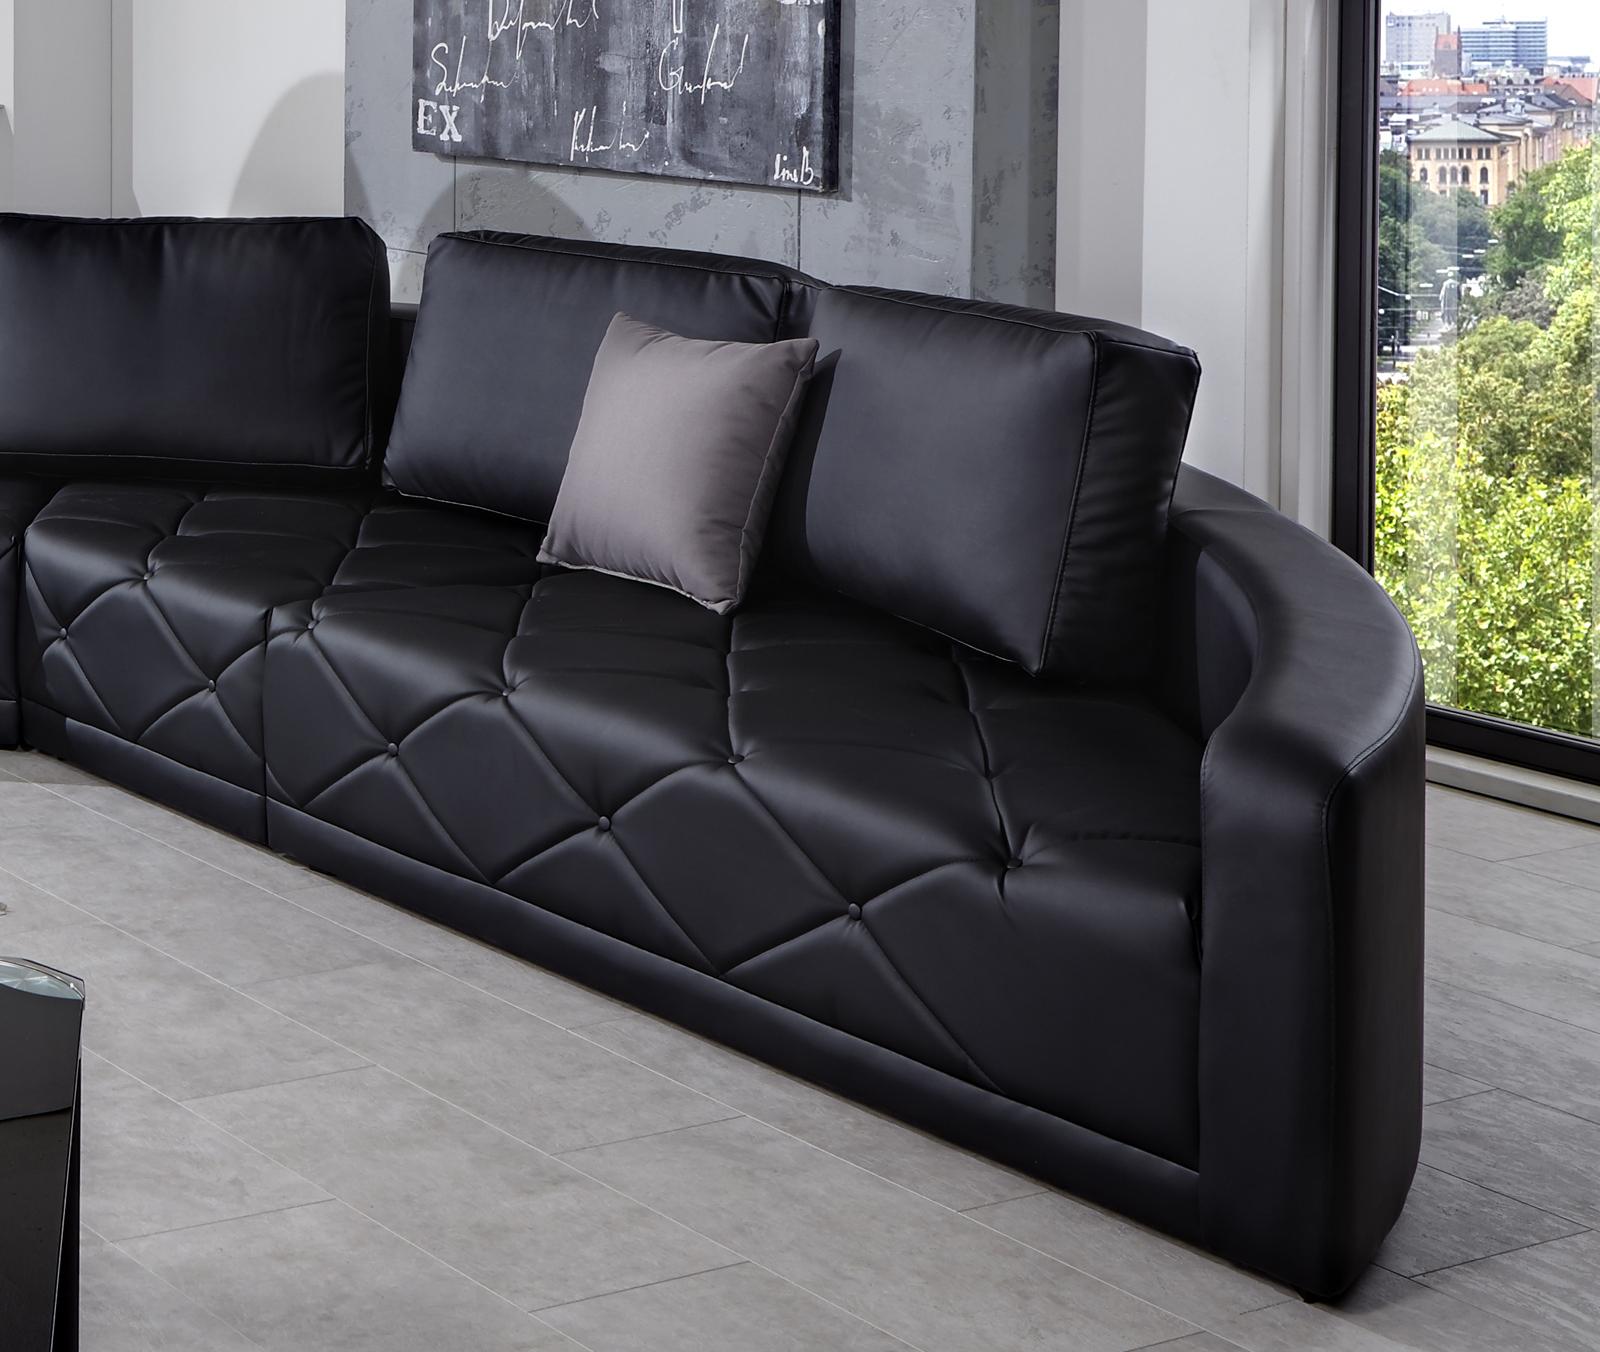 Sam sofa wohnlandschaft schwarz nero 290 x 380 cm for Wohnlandschaft 290 cm breit